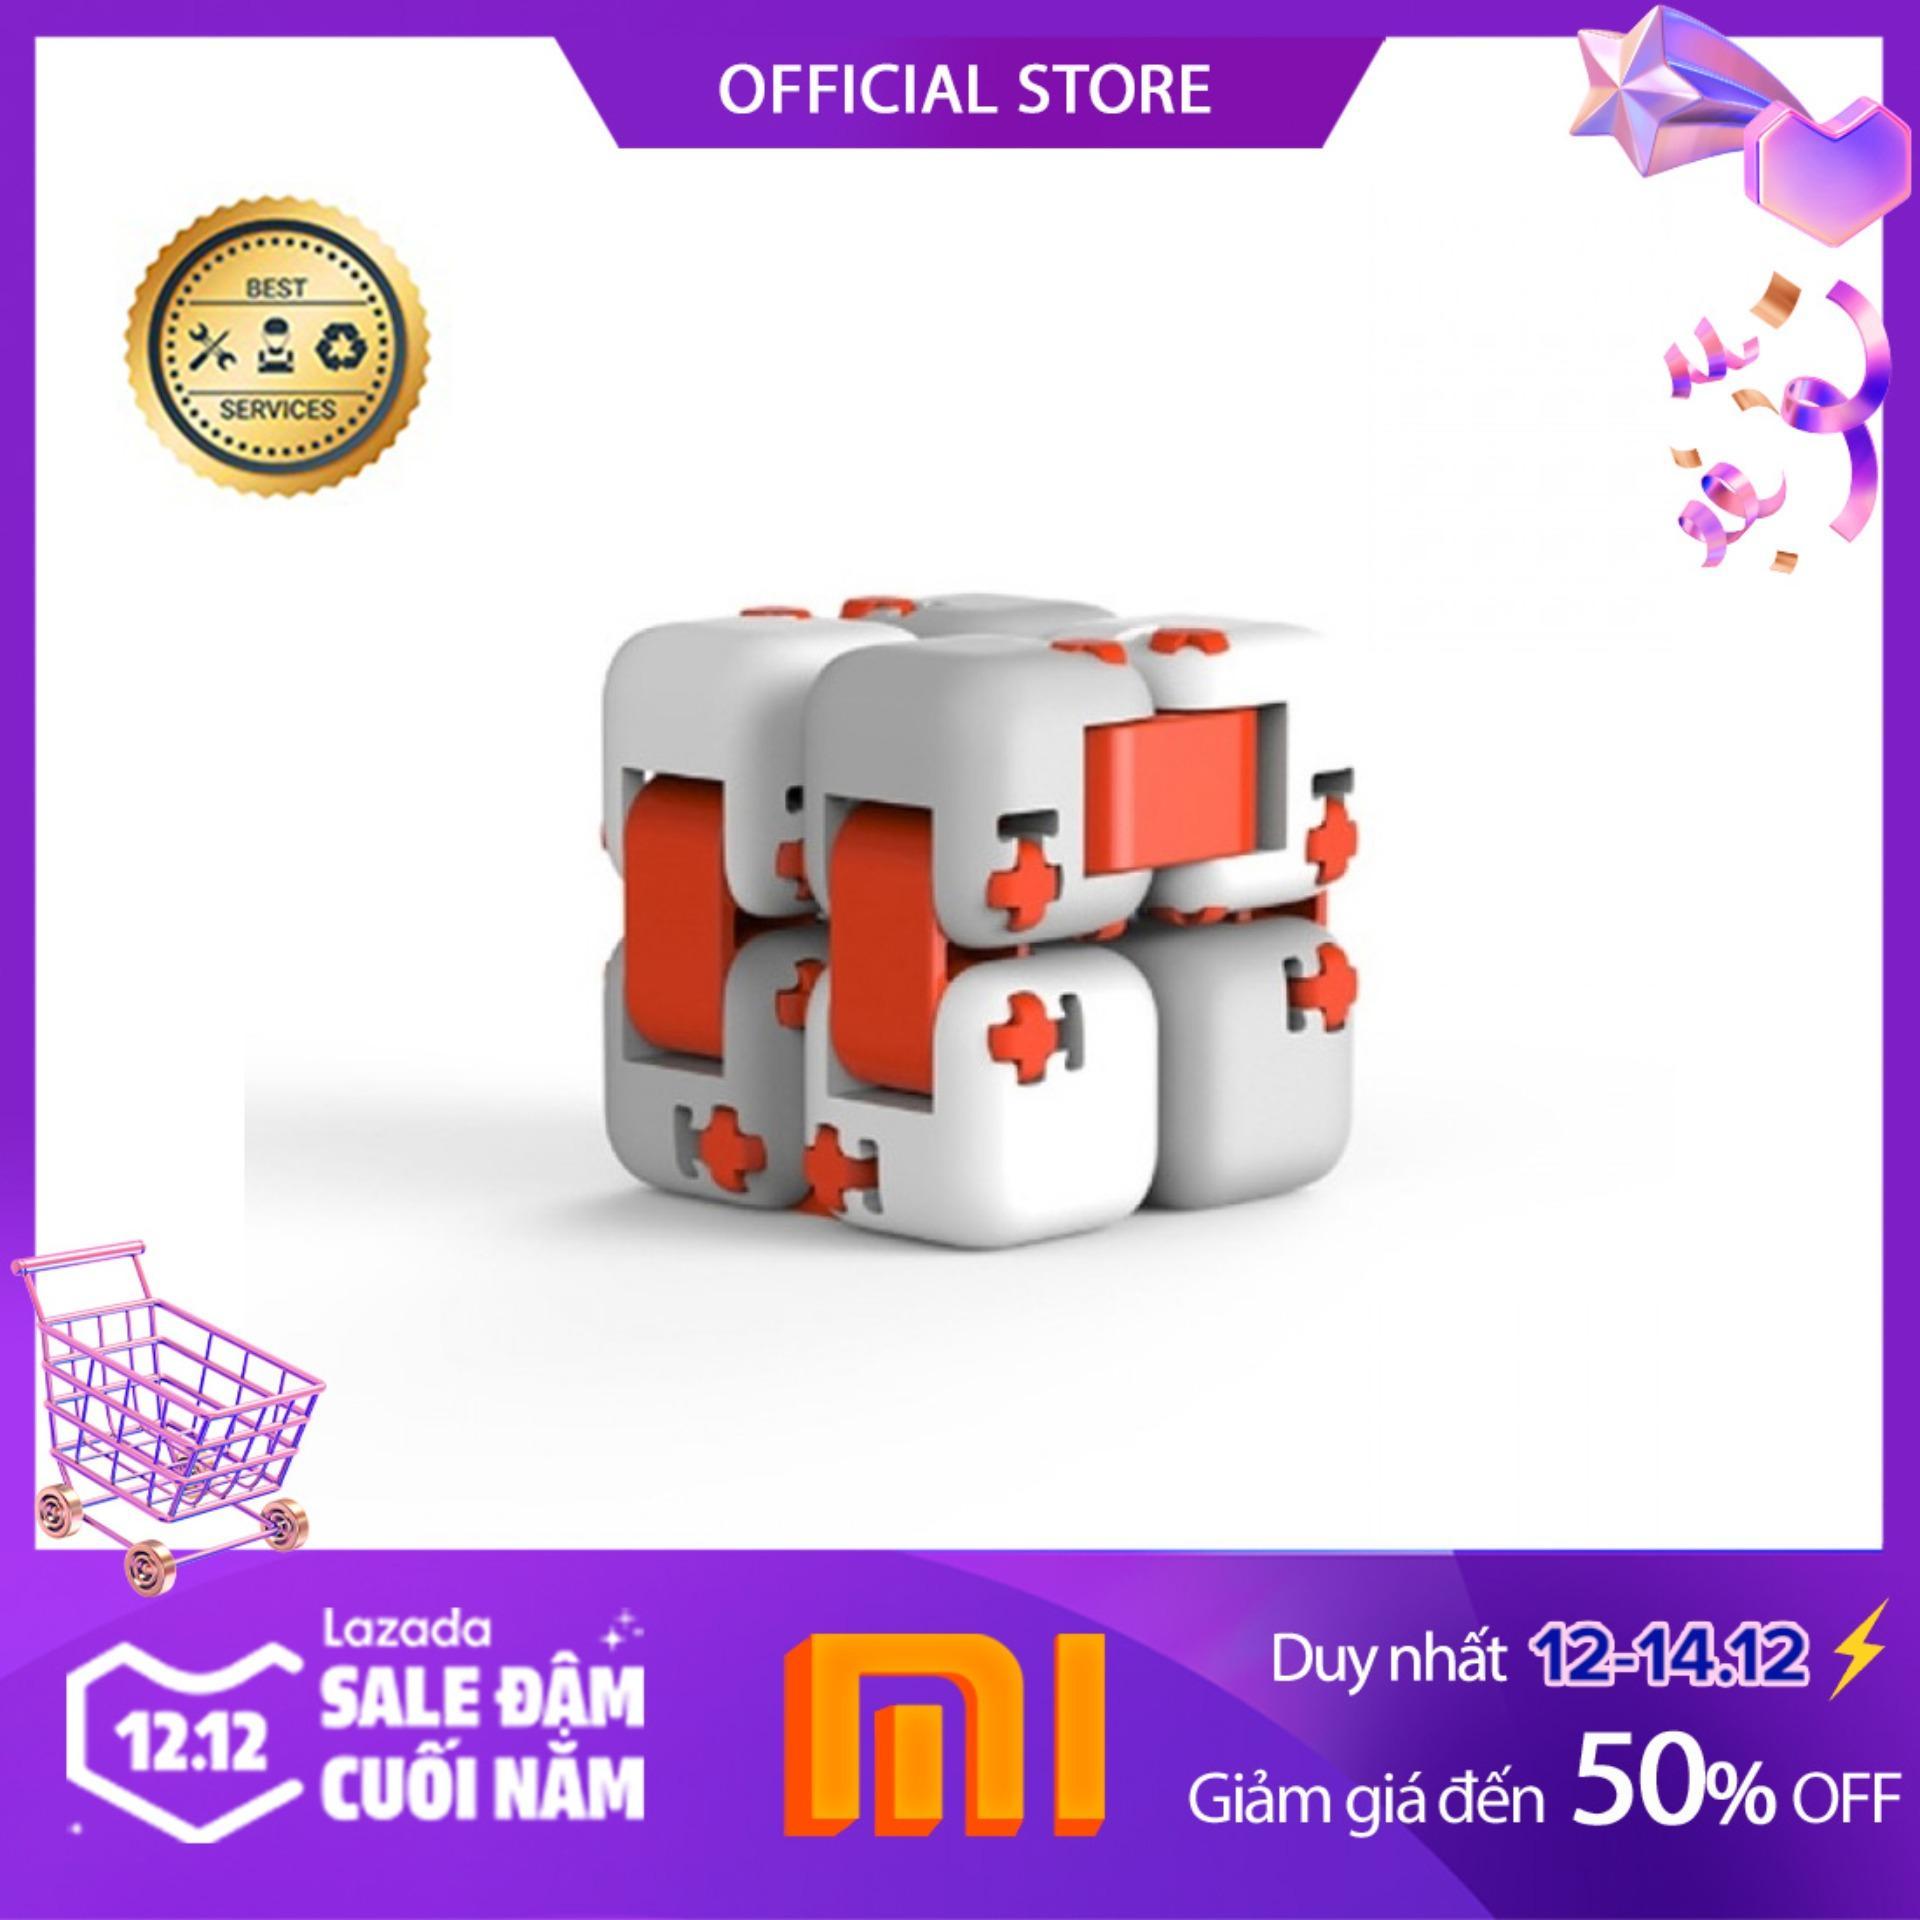 Đồ Chơi Giảm Stress Xiaomi Cube Giá Sốc Không Thể Bỏ Qua